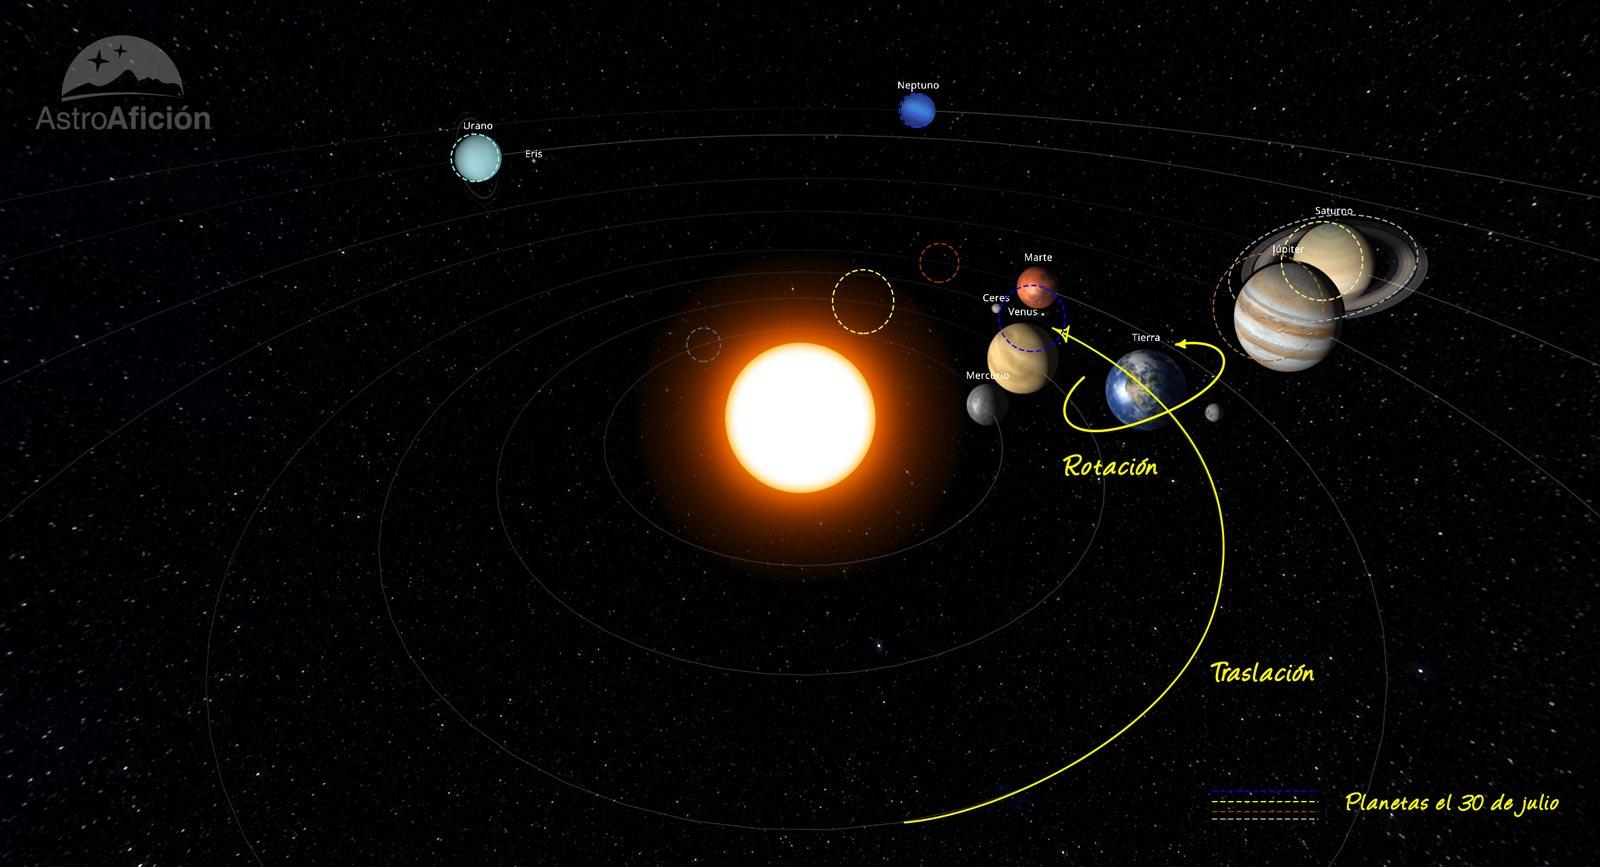 Planetas del Sistema Solar en julio de 2020